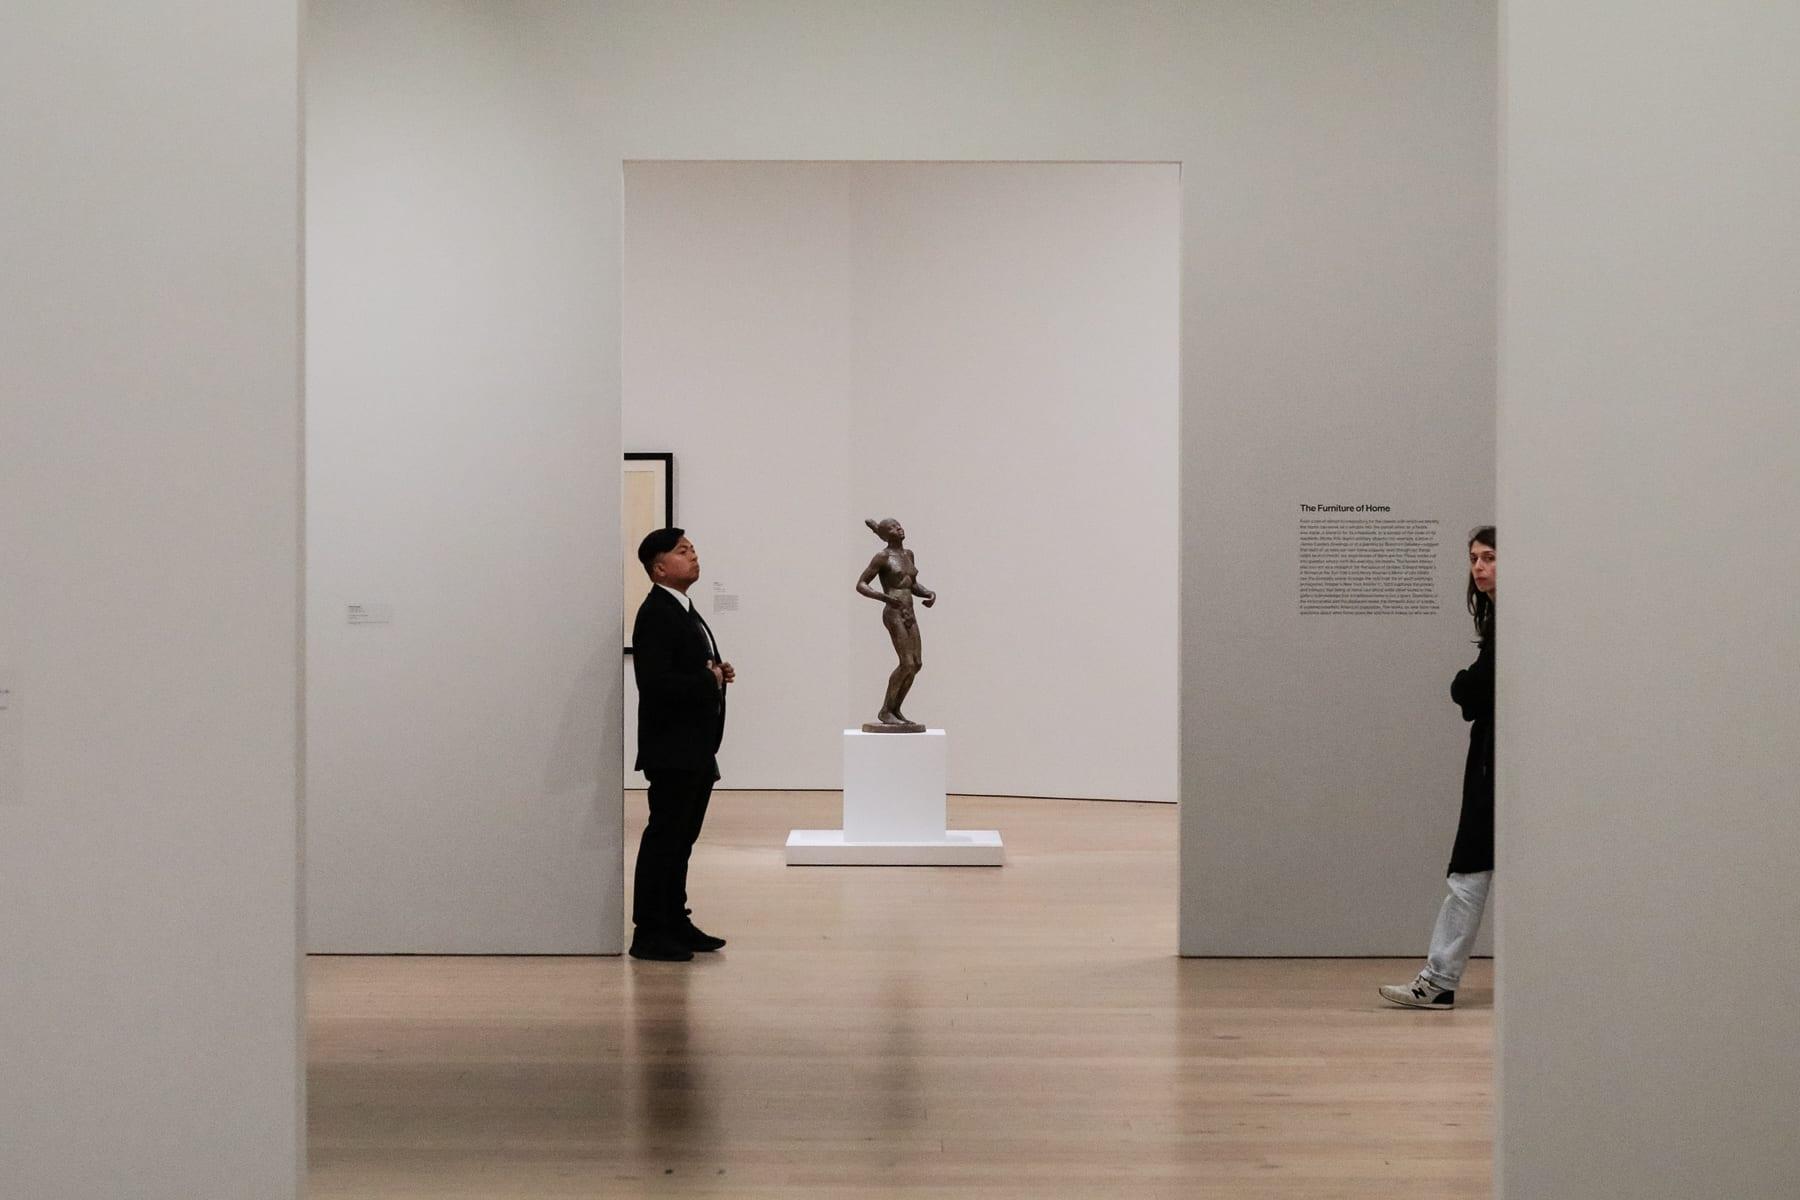 08-NY-journey-artmuseum04-1.jpg